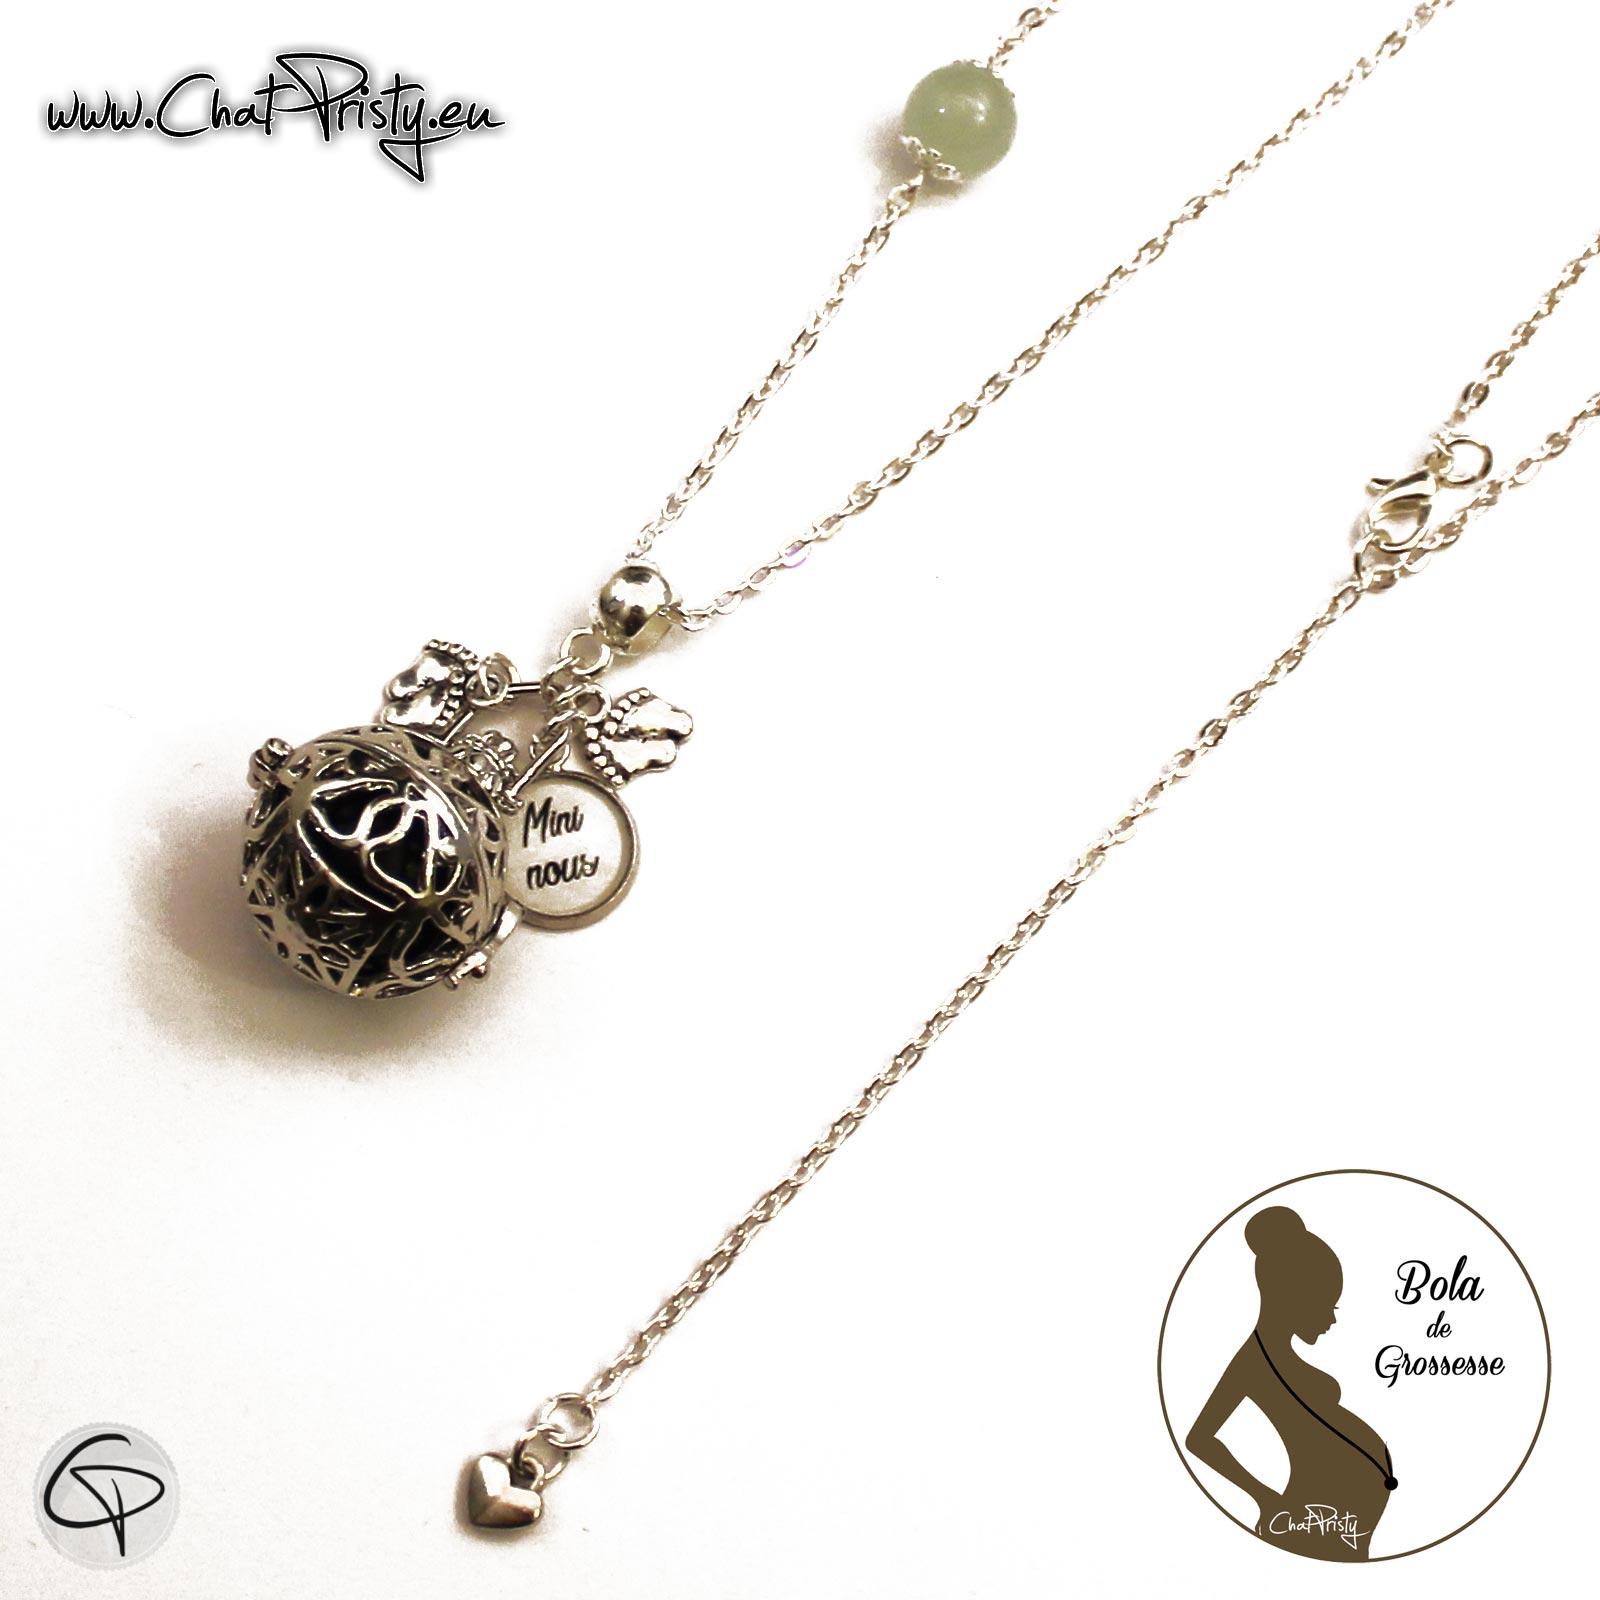 bijou femme enceinte bola de grossesse gémellaire métal argenté avec possibilité de personnalisation